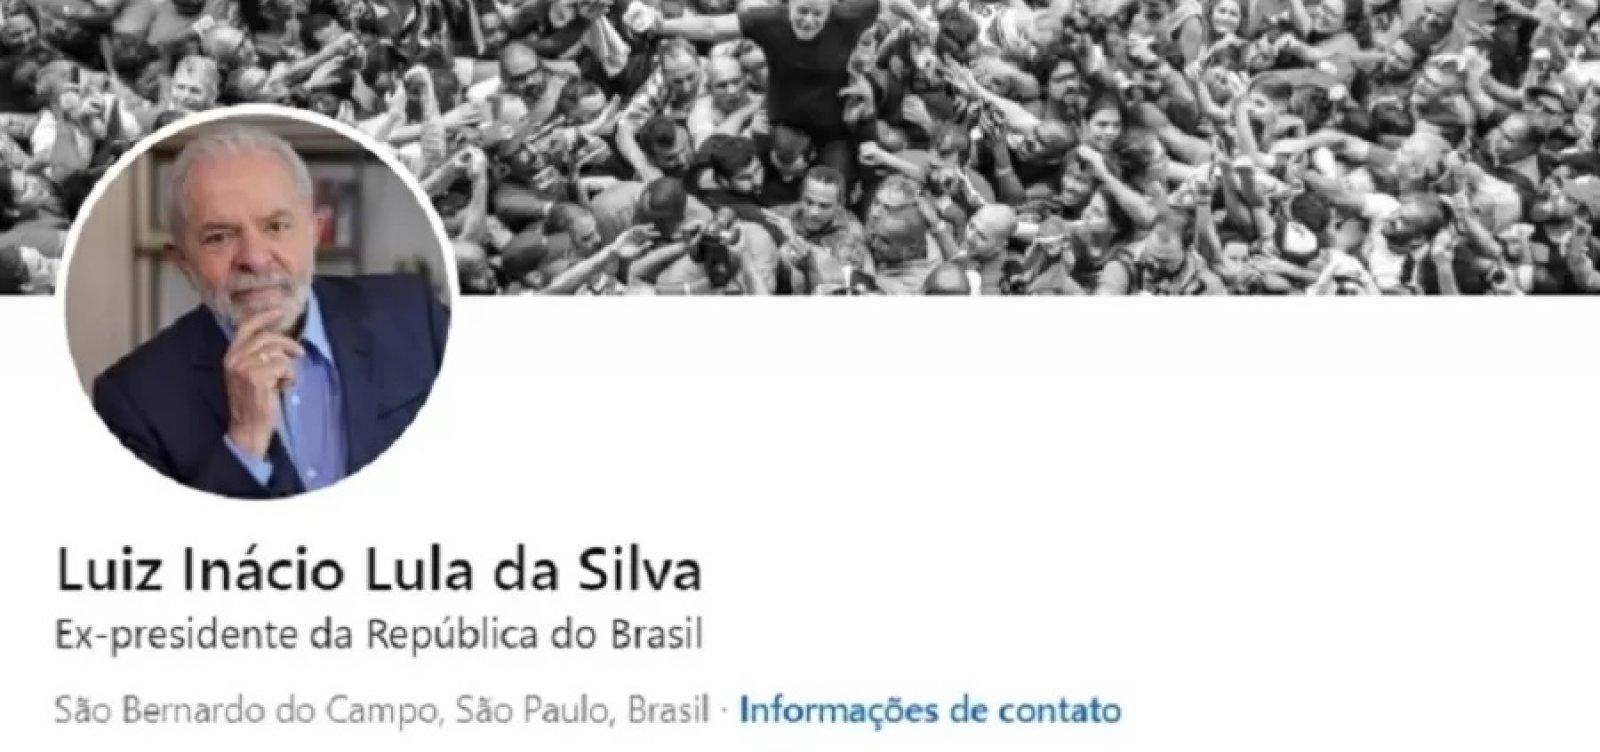 Lula cria perfil no LinkedIn, lista carreira política e cita experiência como torneiro mecânico